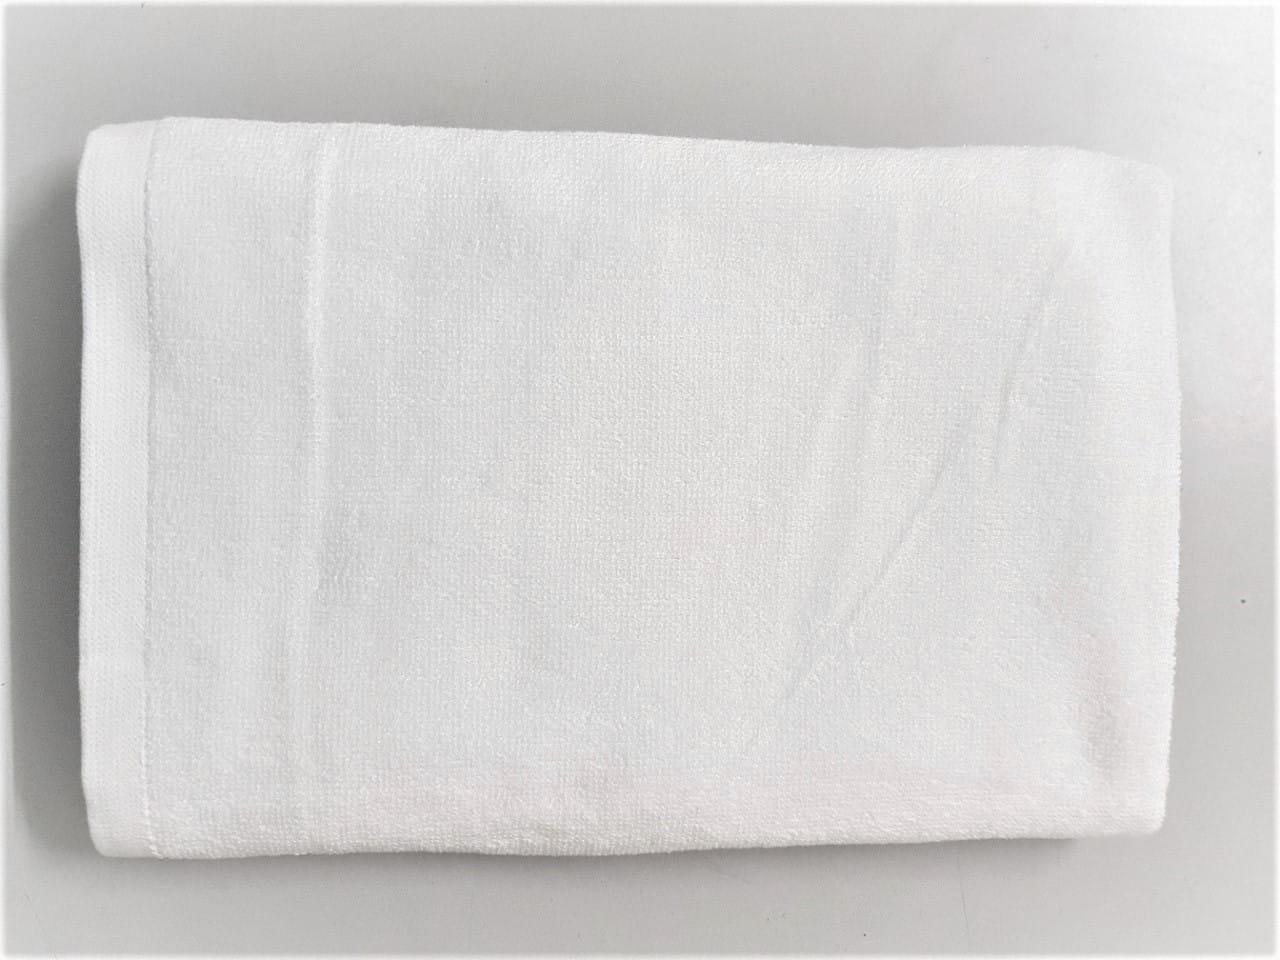 Khăn bông trắng rất dễ vệ sinh, phát hiện vết bẩn